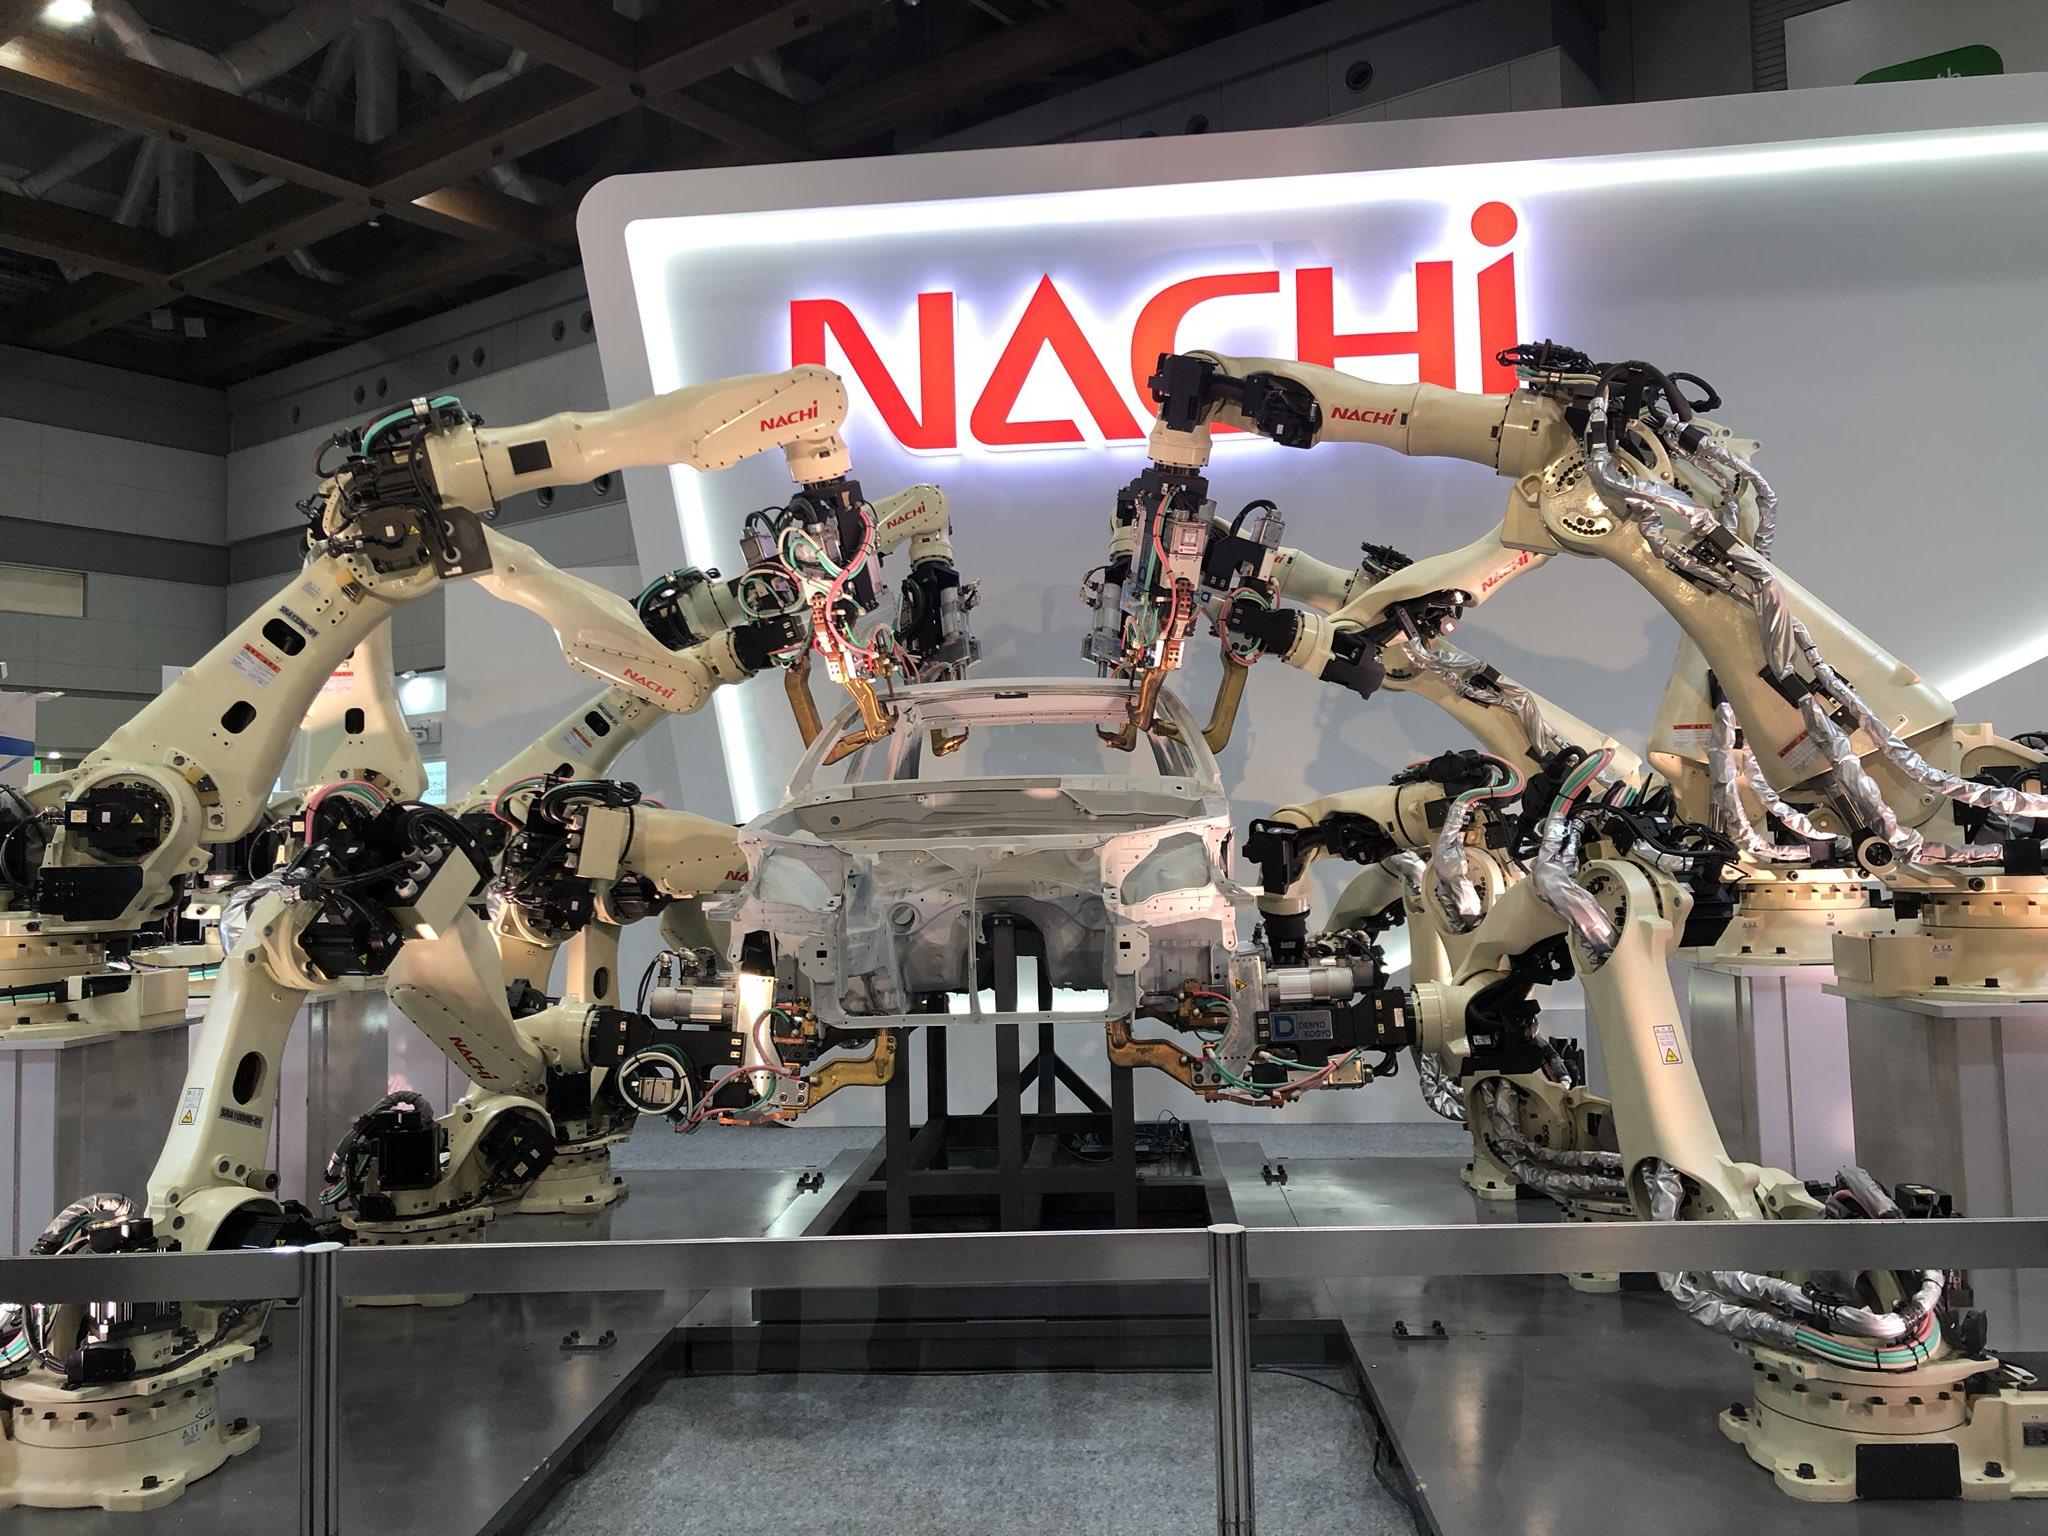 """澤田陽子 / Yoko Sawada on Twitter: """"2019国際ロボット展 NACHIロボットたちが皆さまをお迎えしております(*´꒳`*)✨✨✨ #国際ロボット展2019 #NACHI… """""""